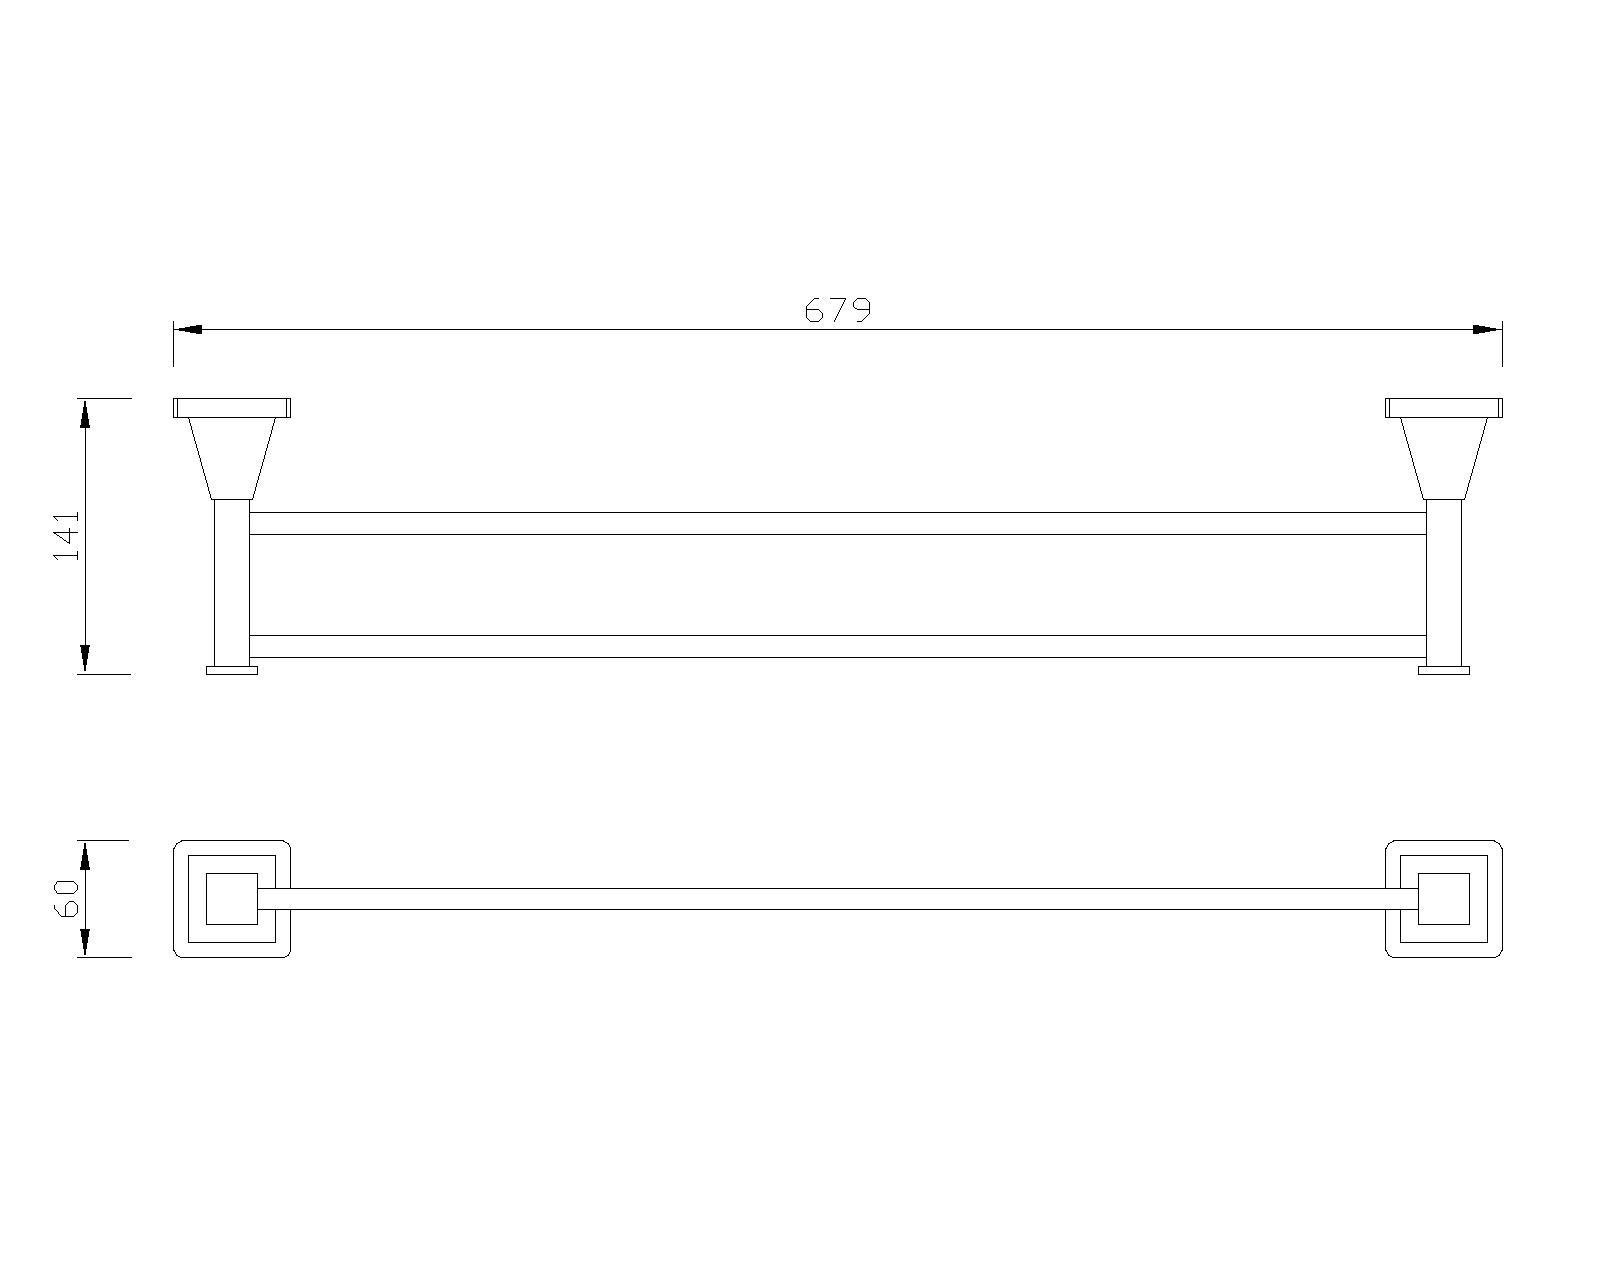 B-Serie Doppel-Handttuchhalter